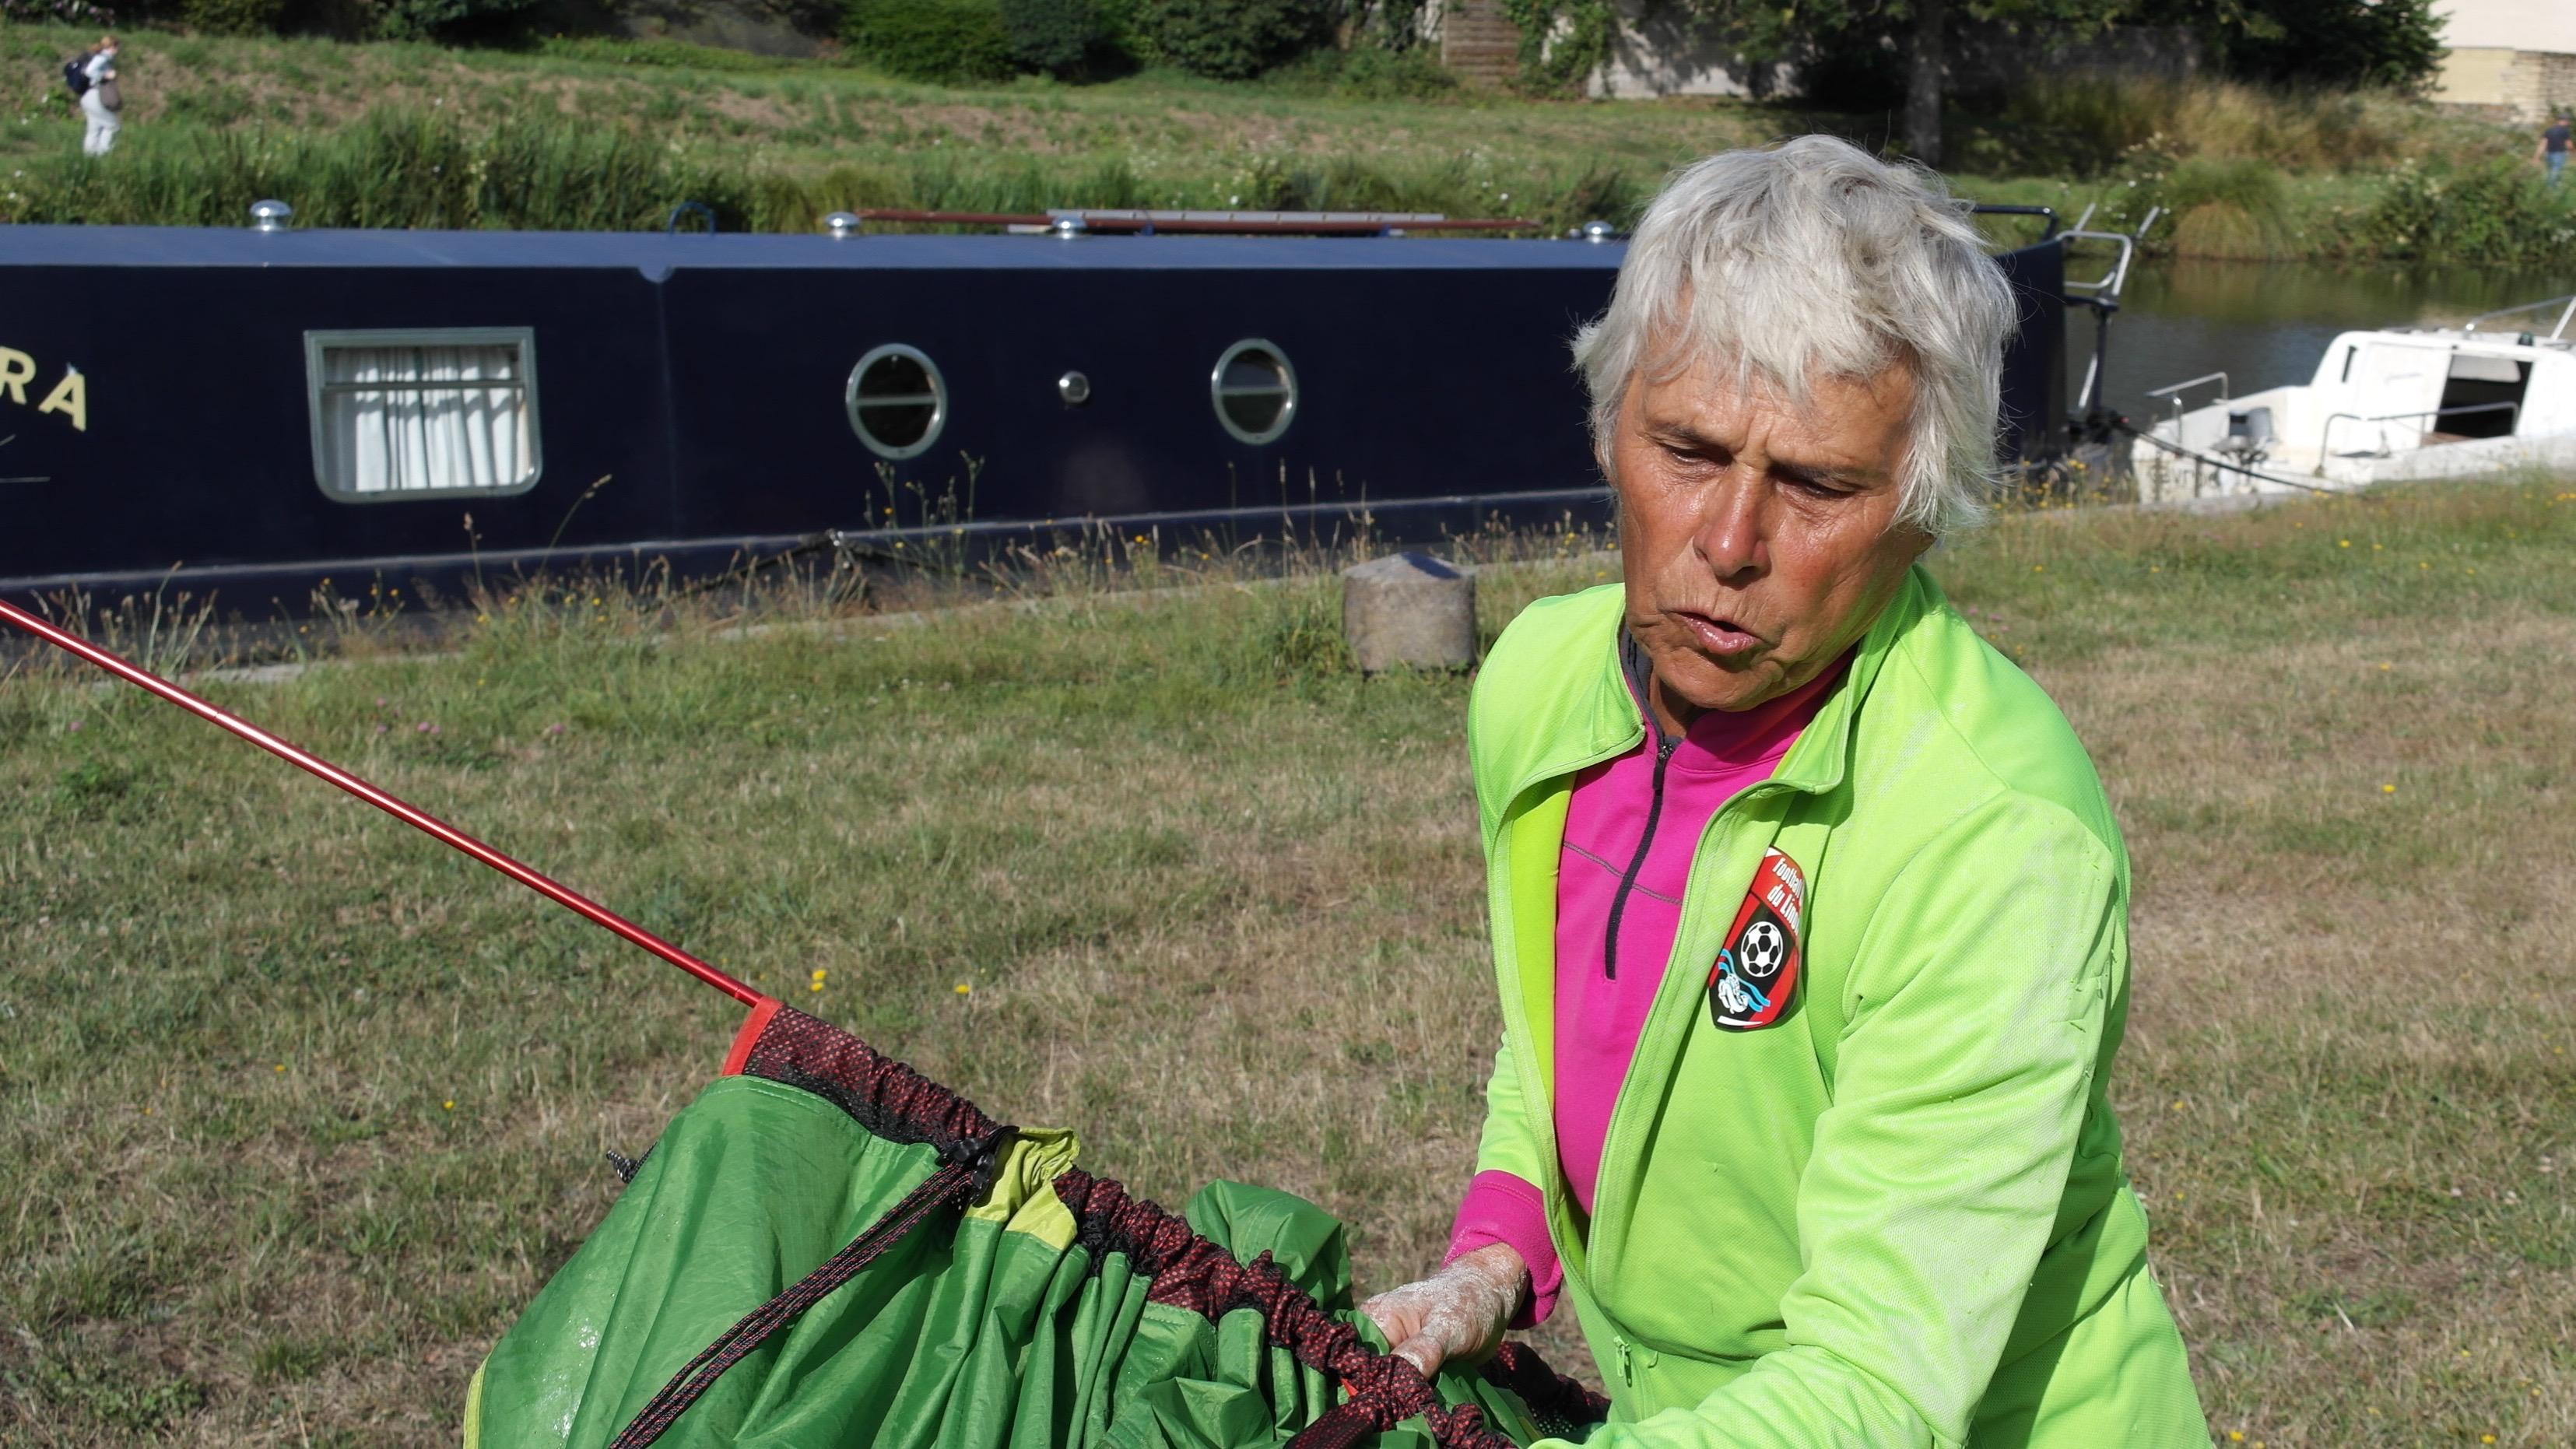 Viviane plie le camp, sur l'aire de camping de Tréverien.